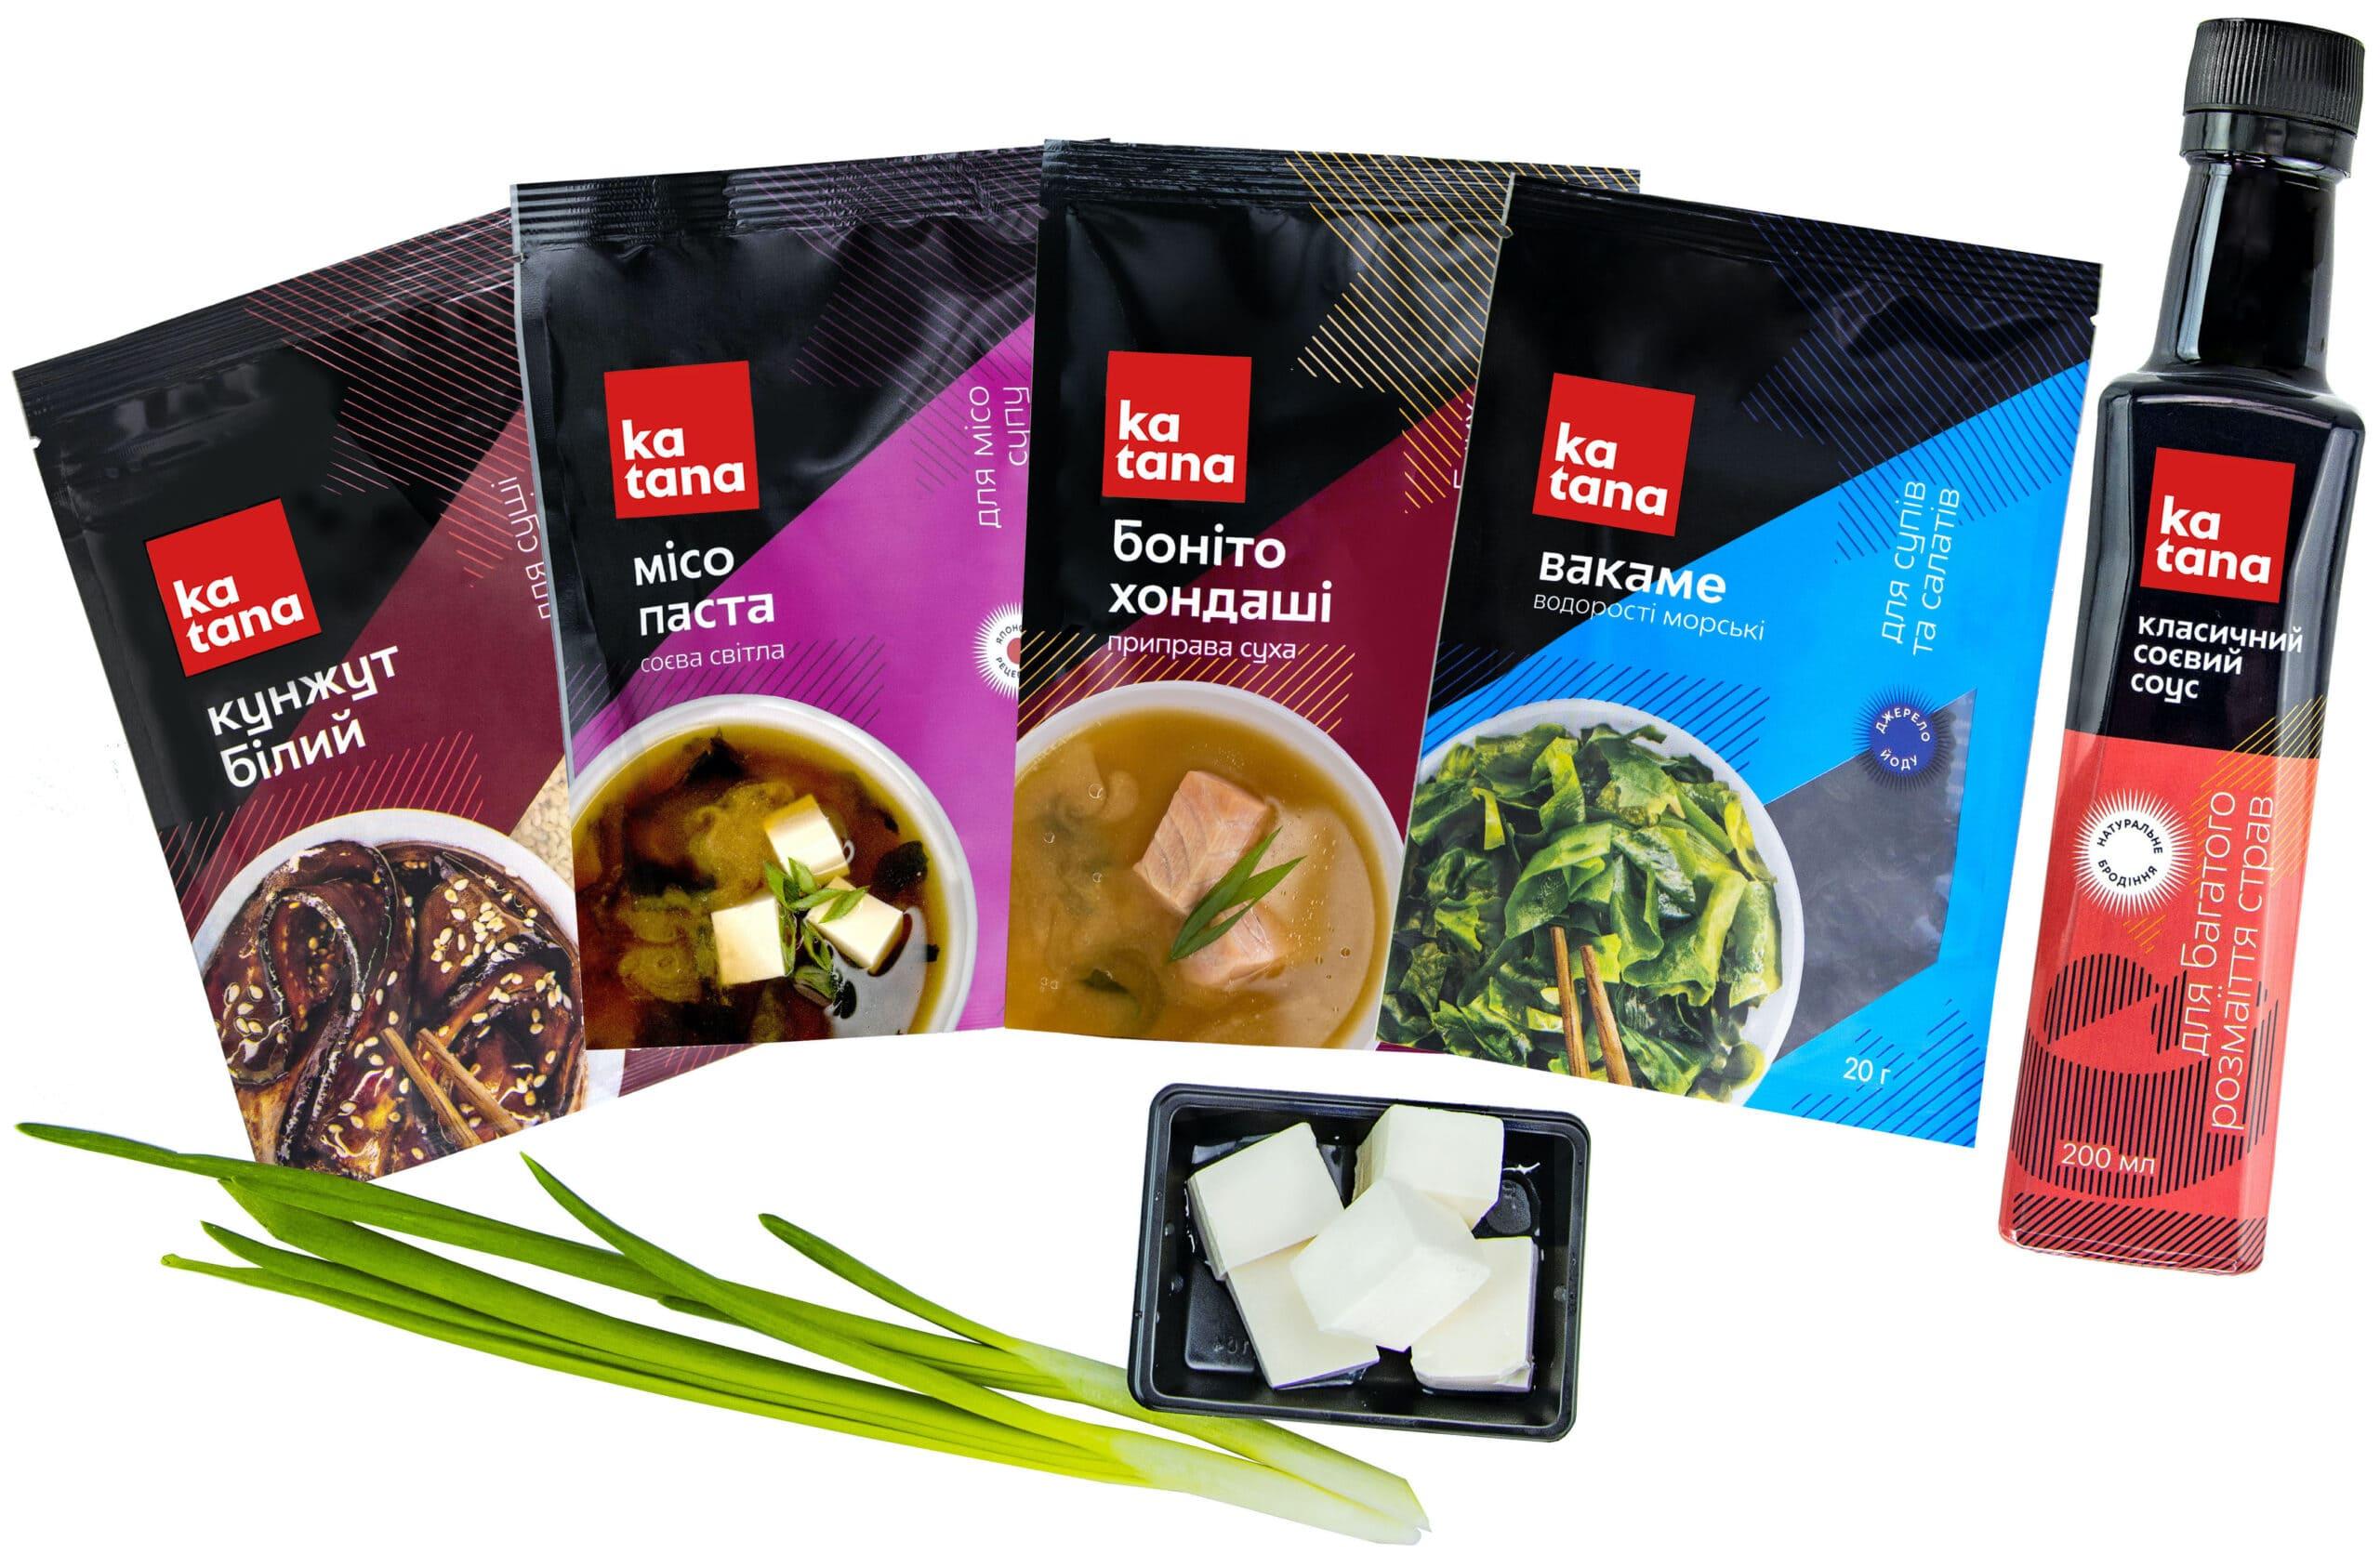 продукты katana